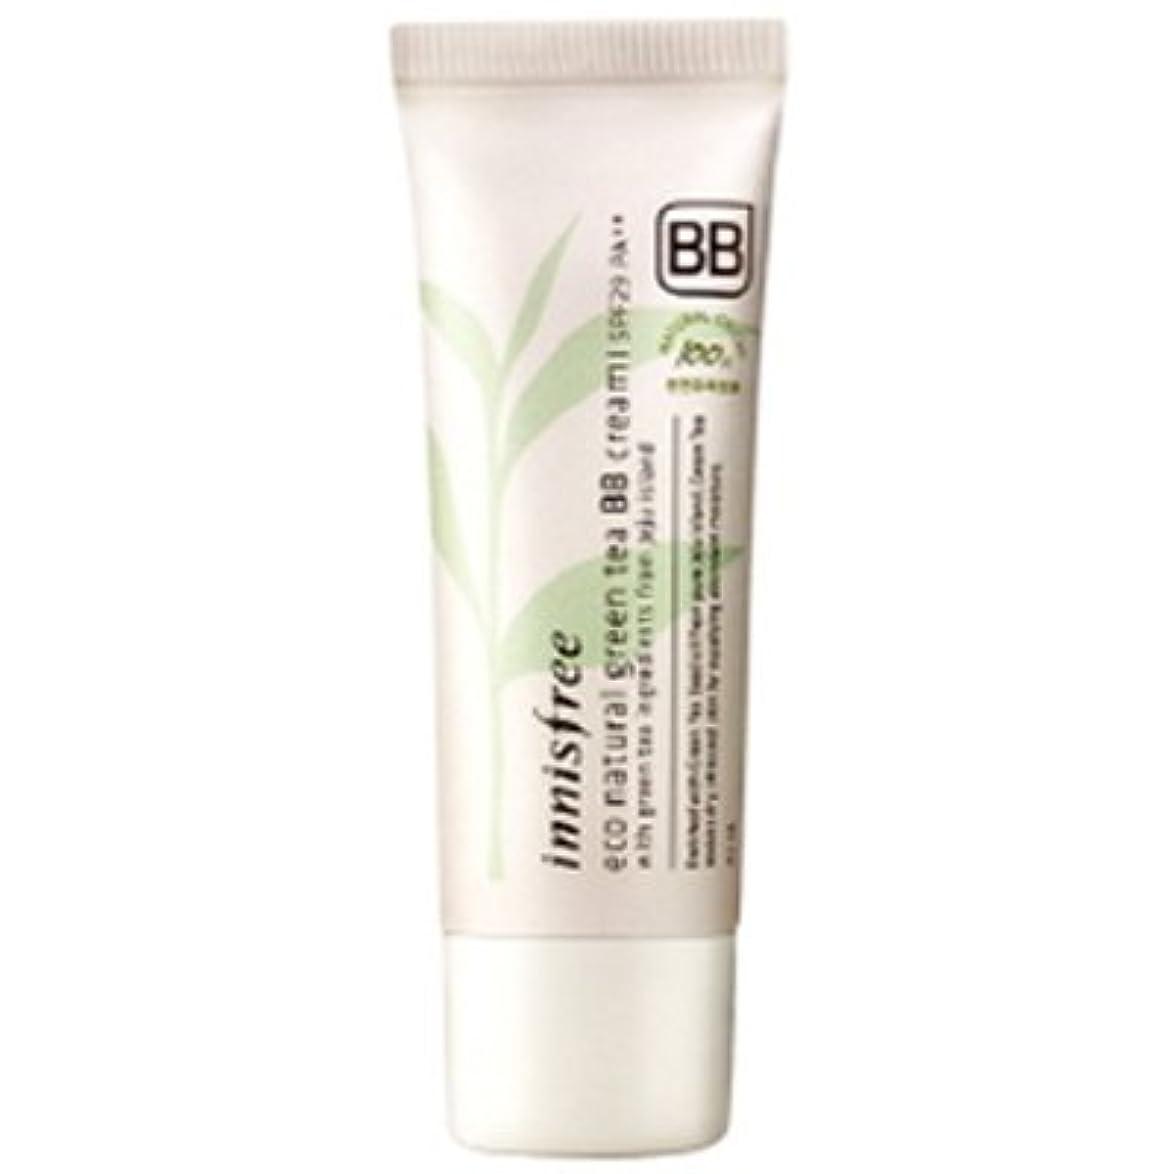 エジプト告発者インゲンinnisfree(イニスフリー) Eco natural green tea BB cream エコ ナチュラル グリーン ティー BB クリーム SPF29/PA++ 40ml #1:ライトベージュ